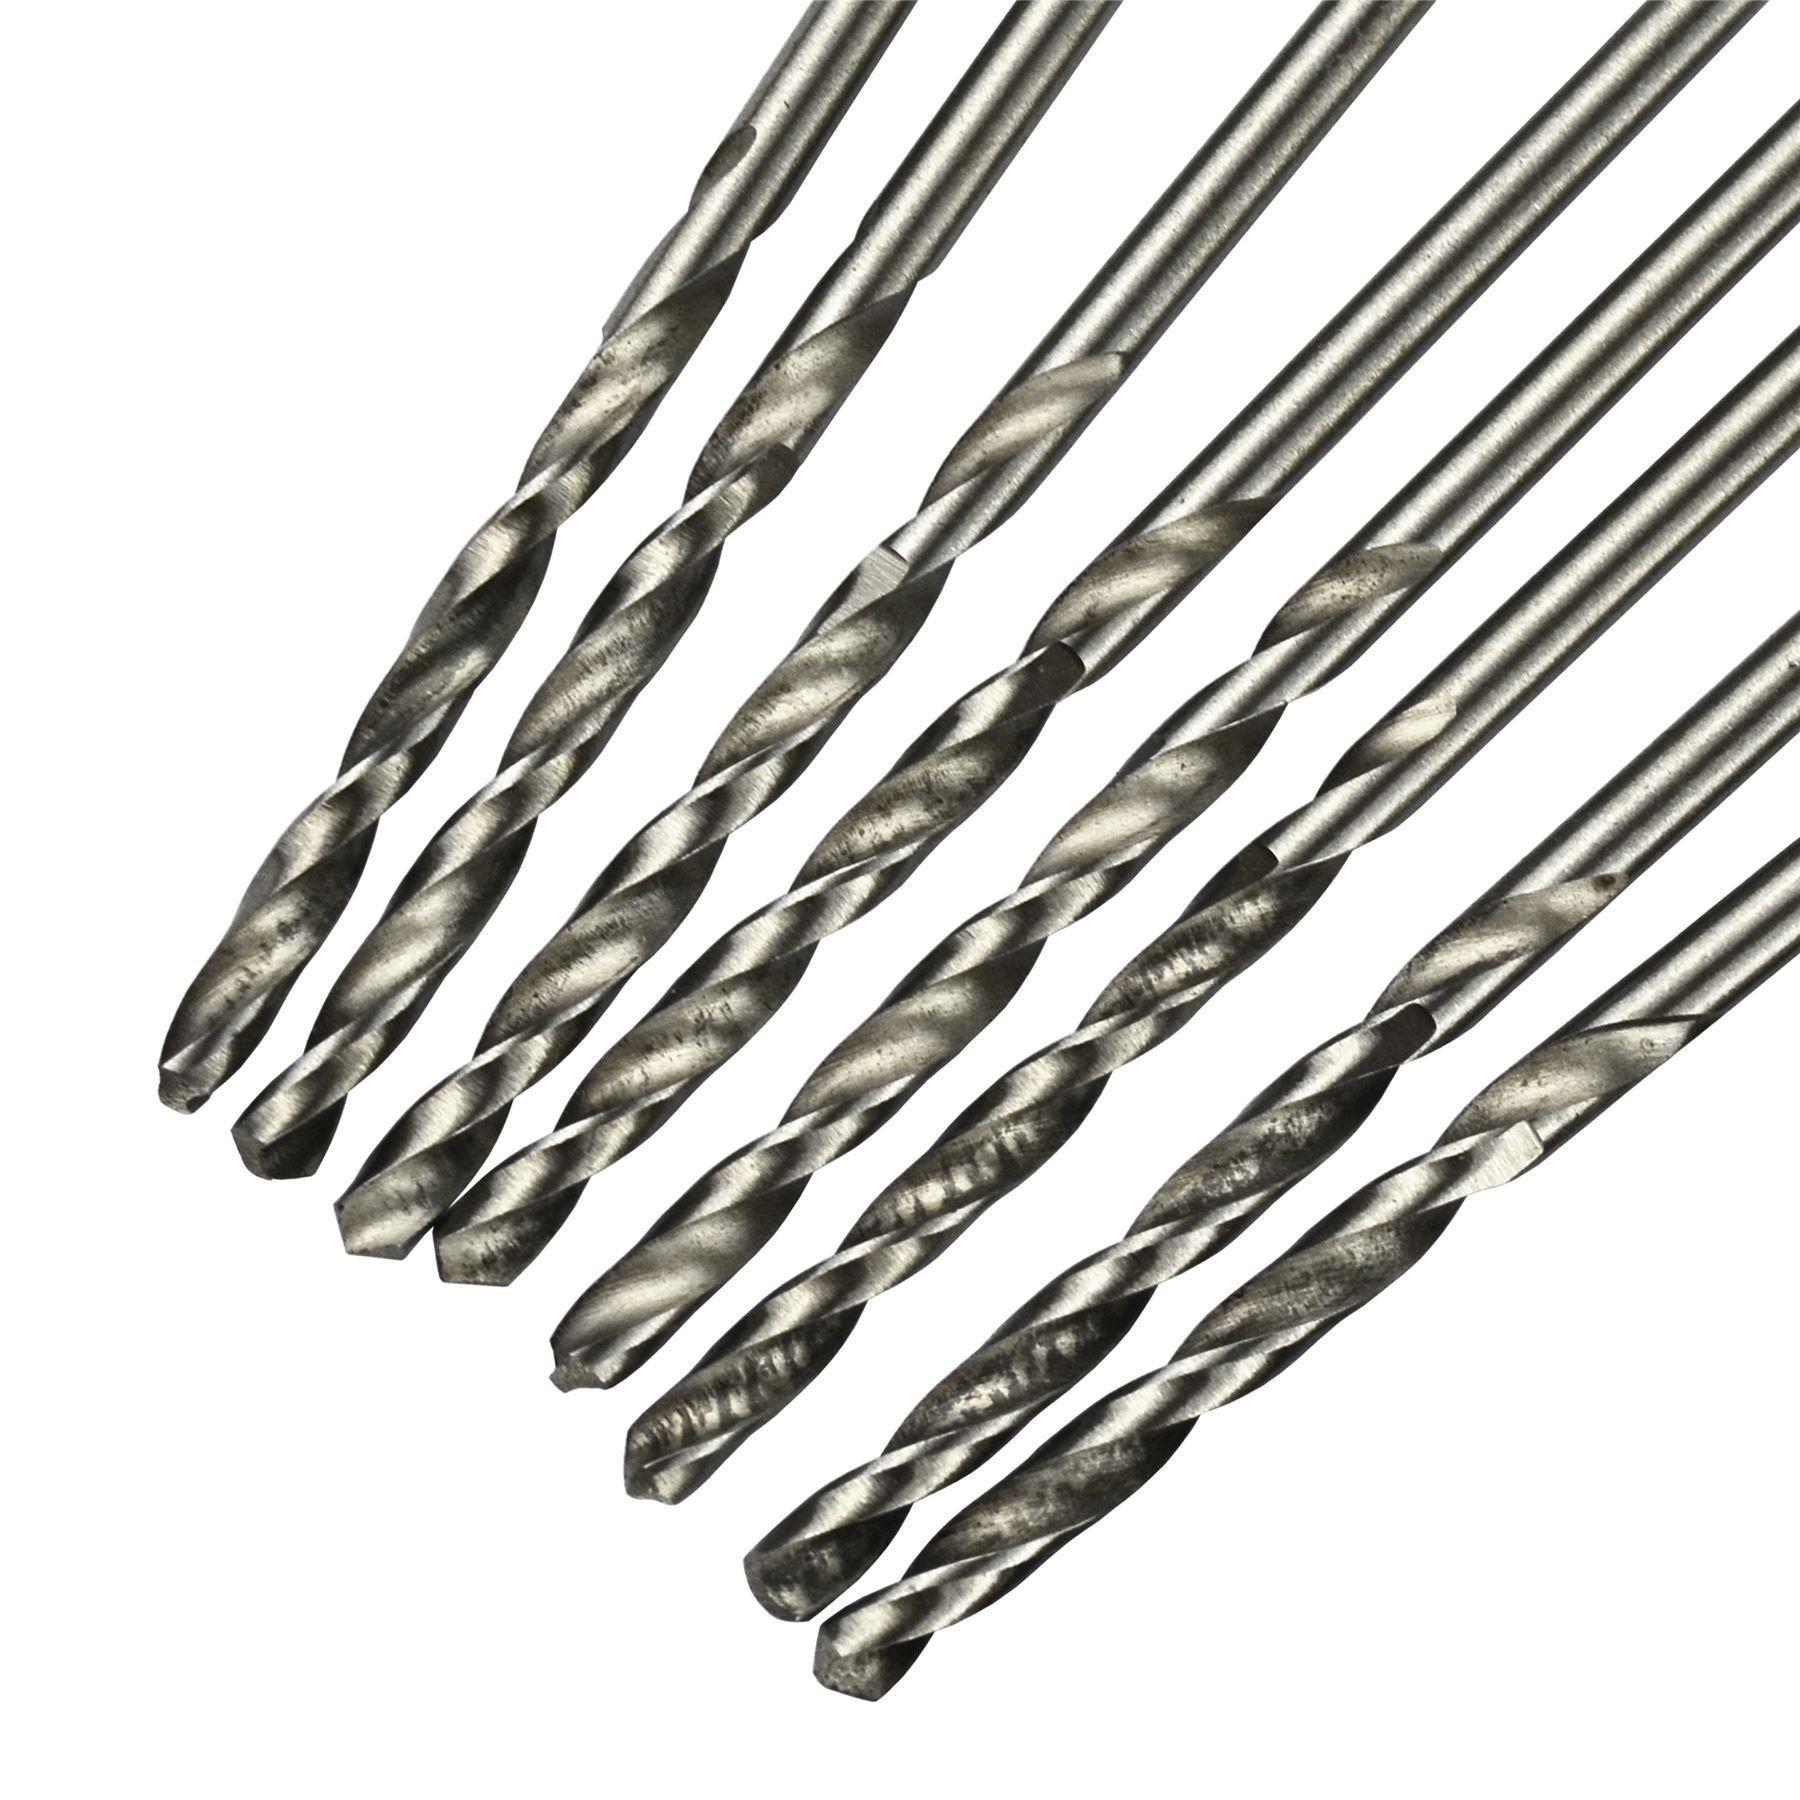 8 pcs Bohrer HSS 2,5 mm lange Reihe TE099